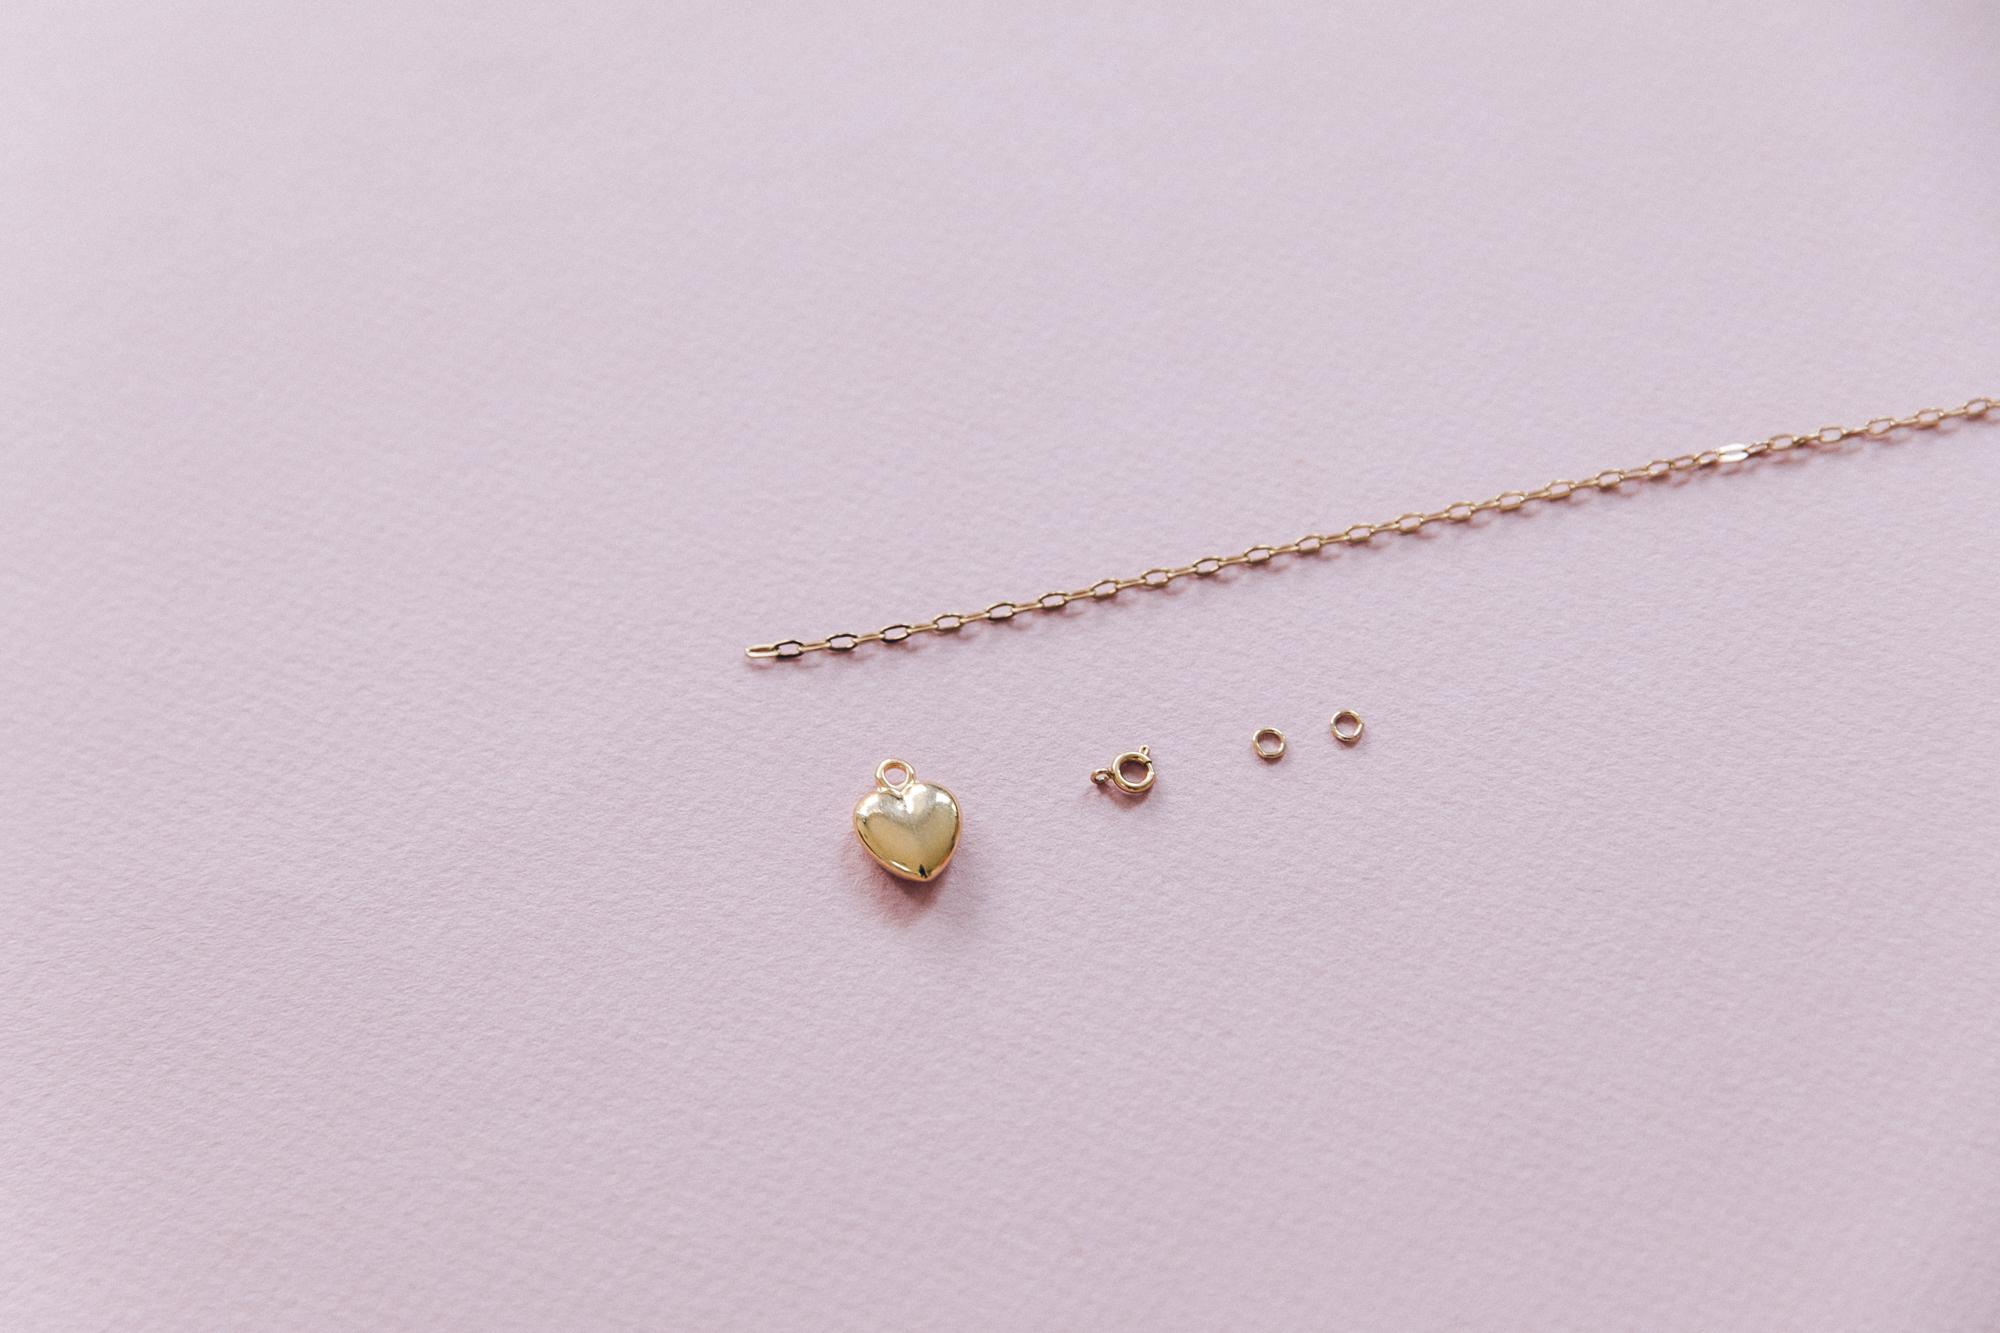 diy collier chaine maille et pendentif coeur doré